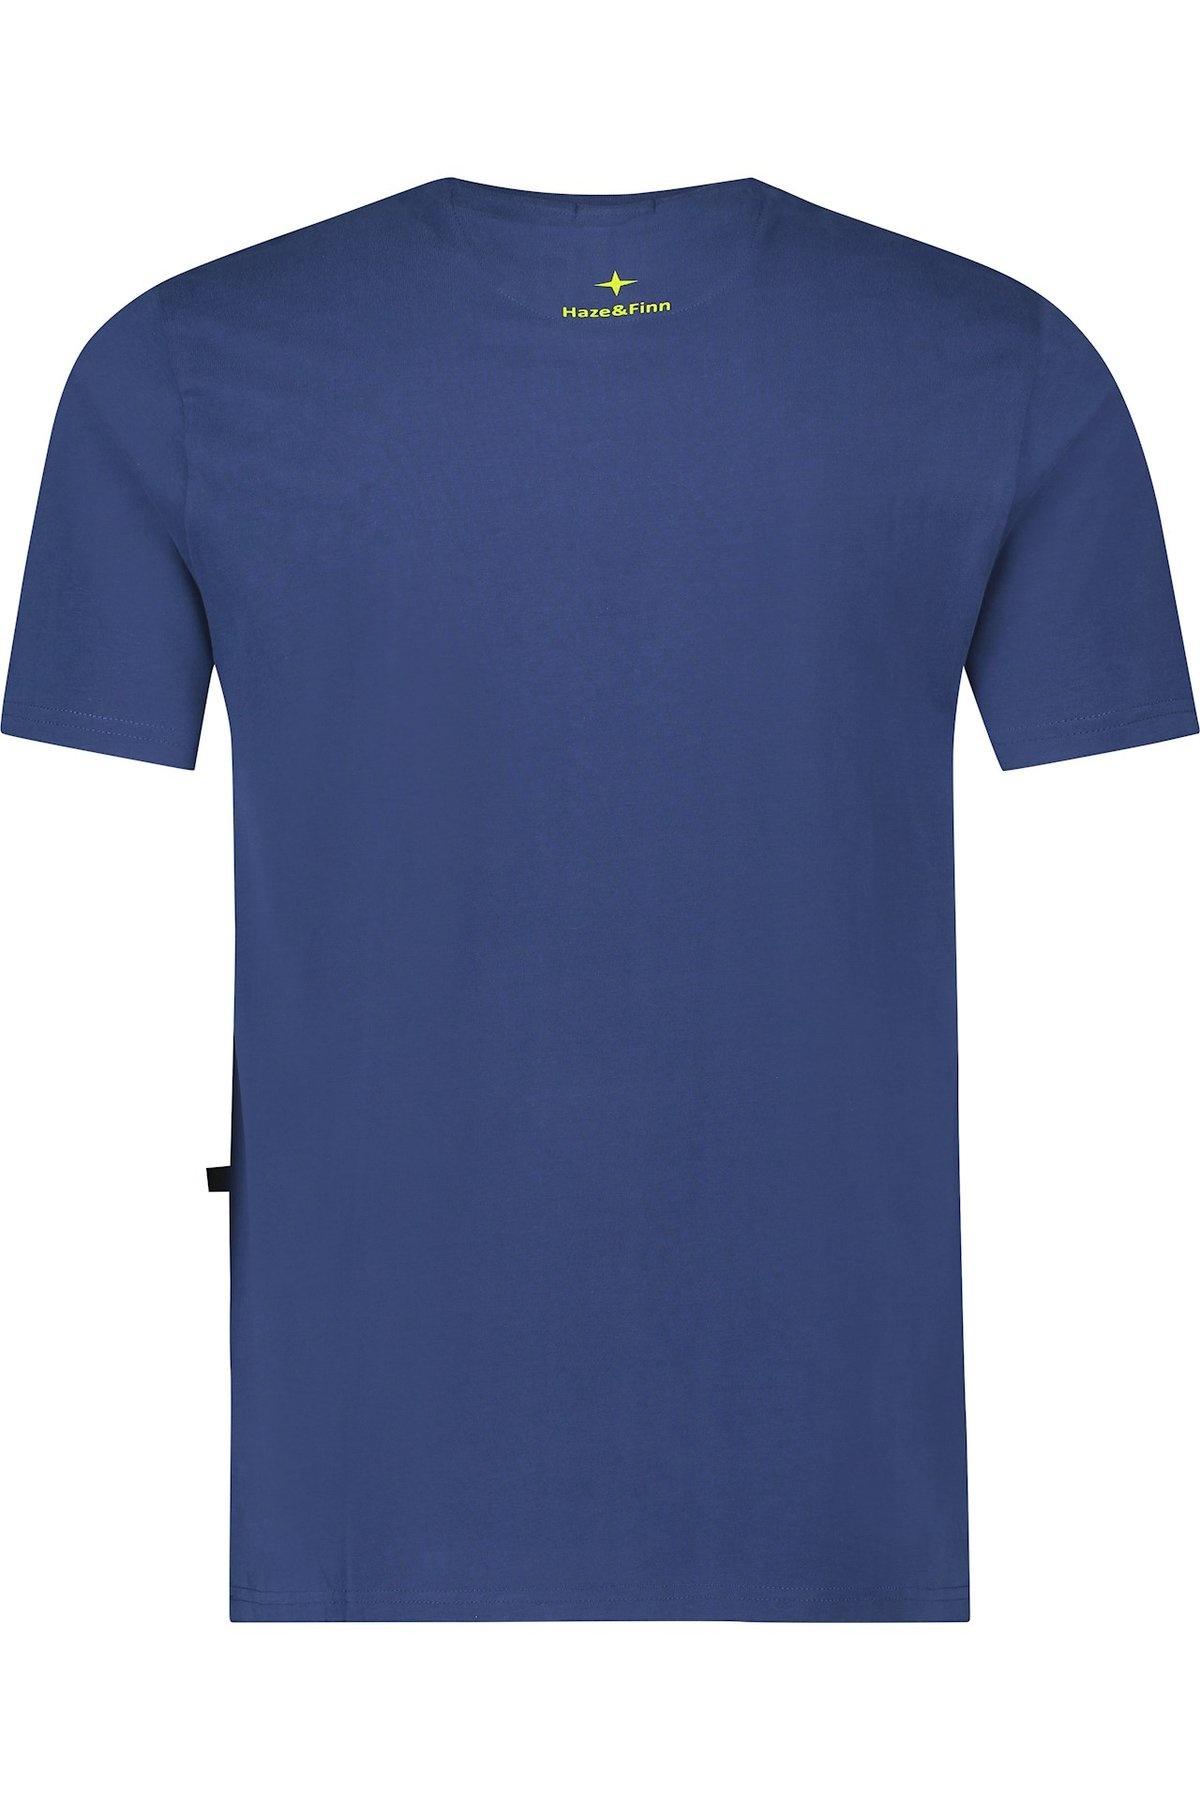 HAZE & FINN t-shirt brodé husky-2